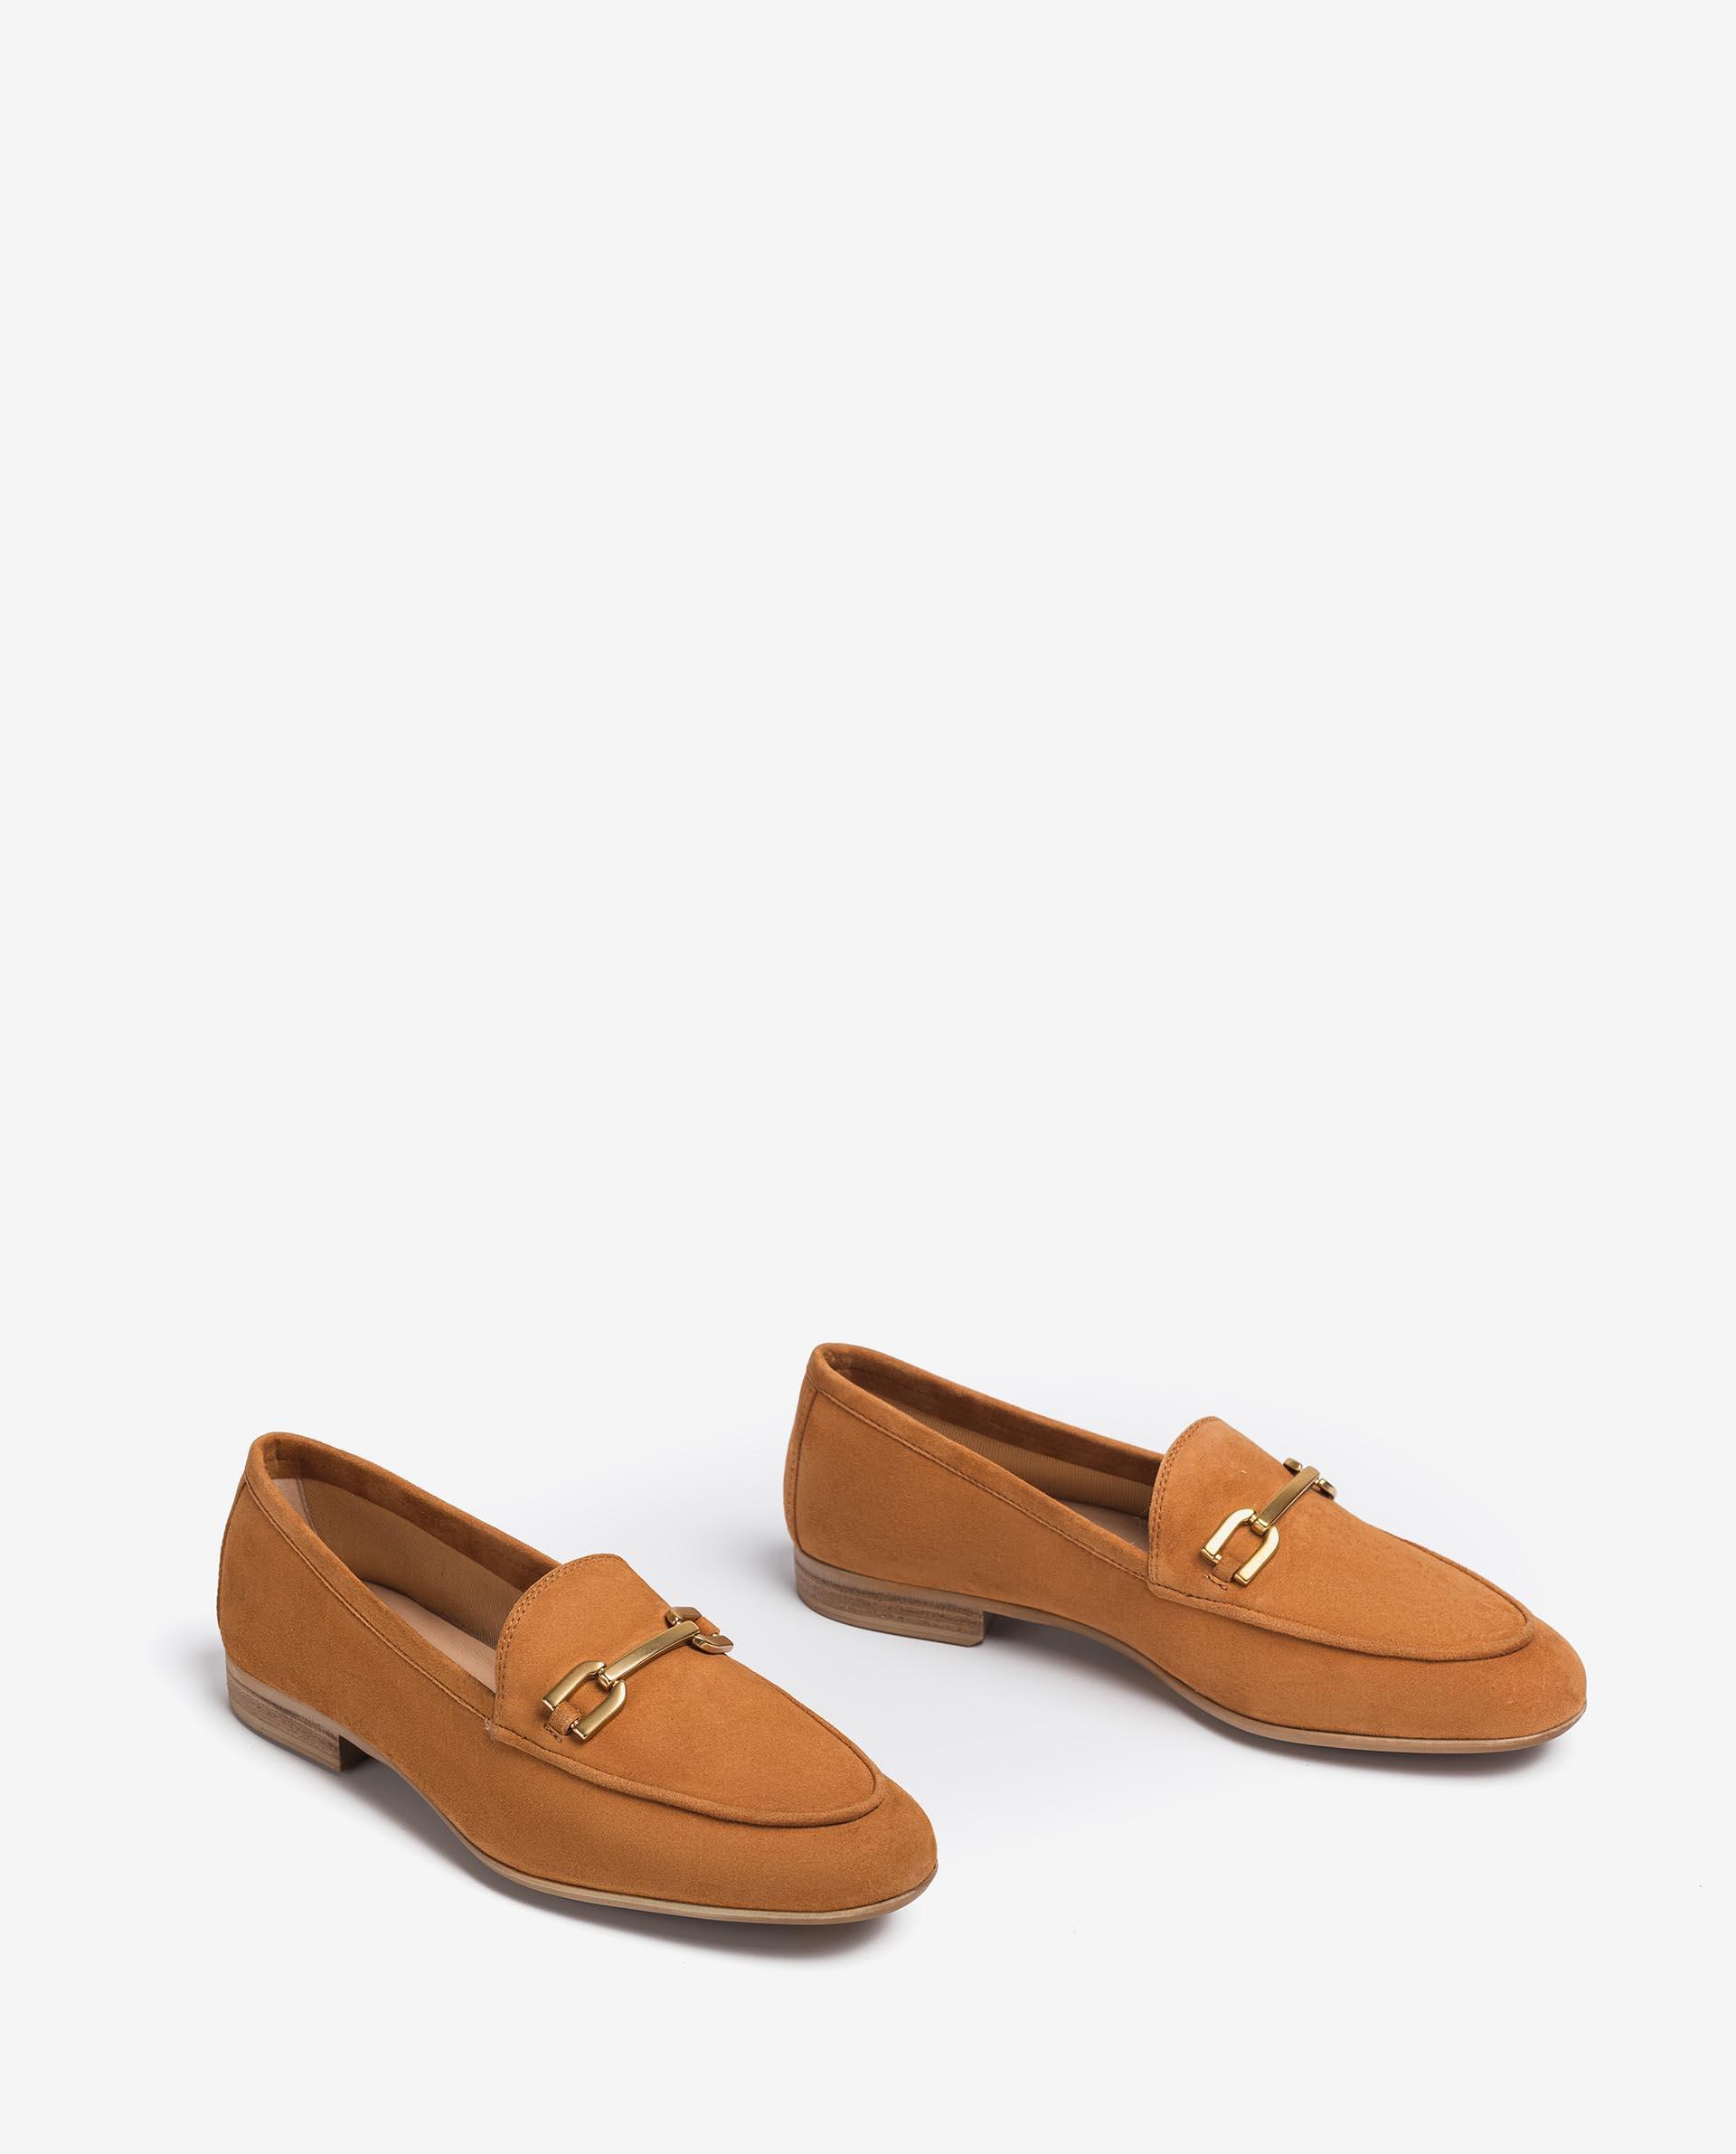 Unisa Loafers DALCY_21_KS cinamon